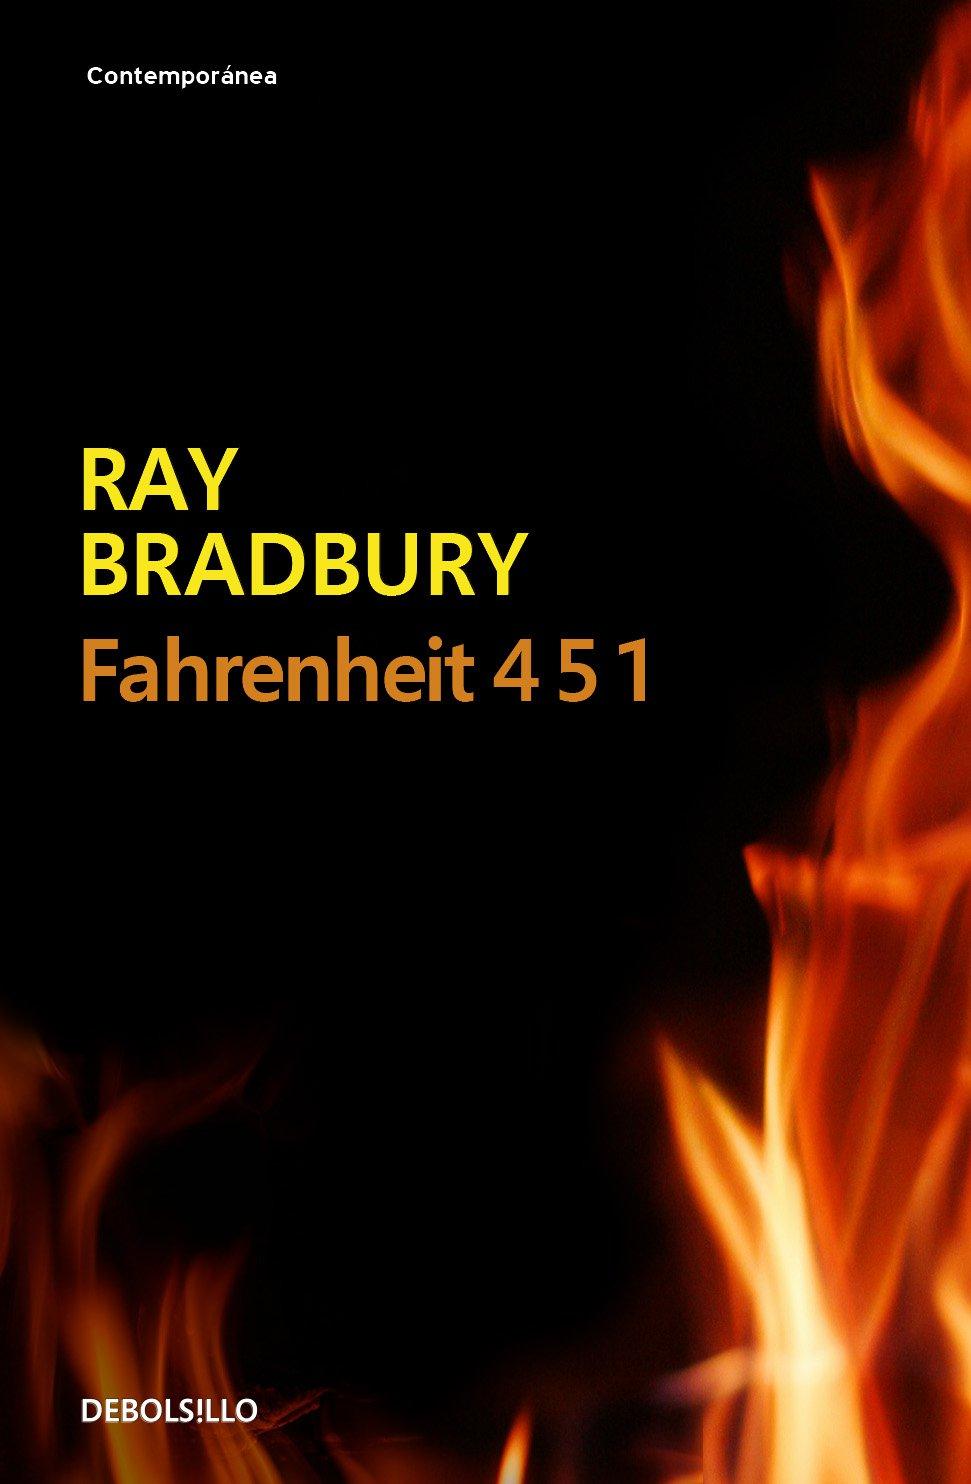 11. Fahrenheit 451